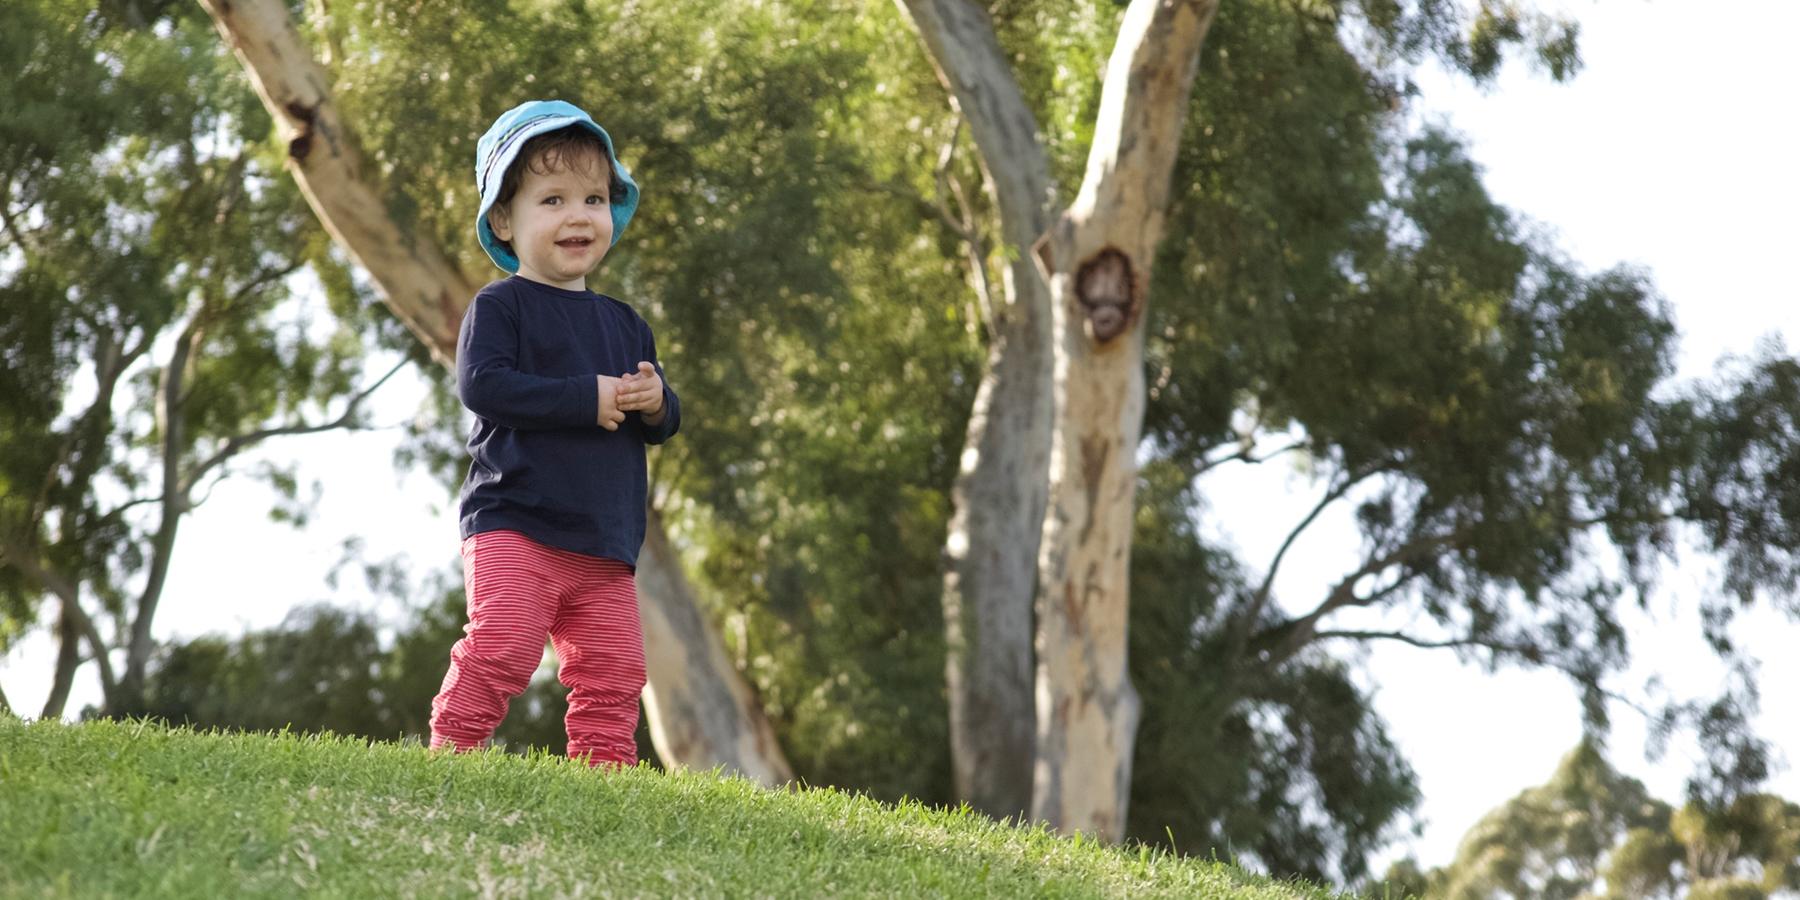 kid at park image